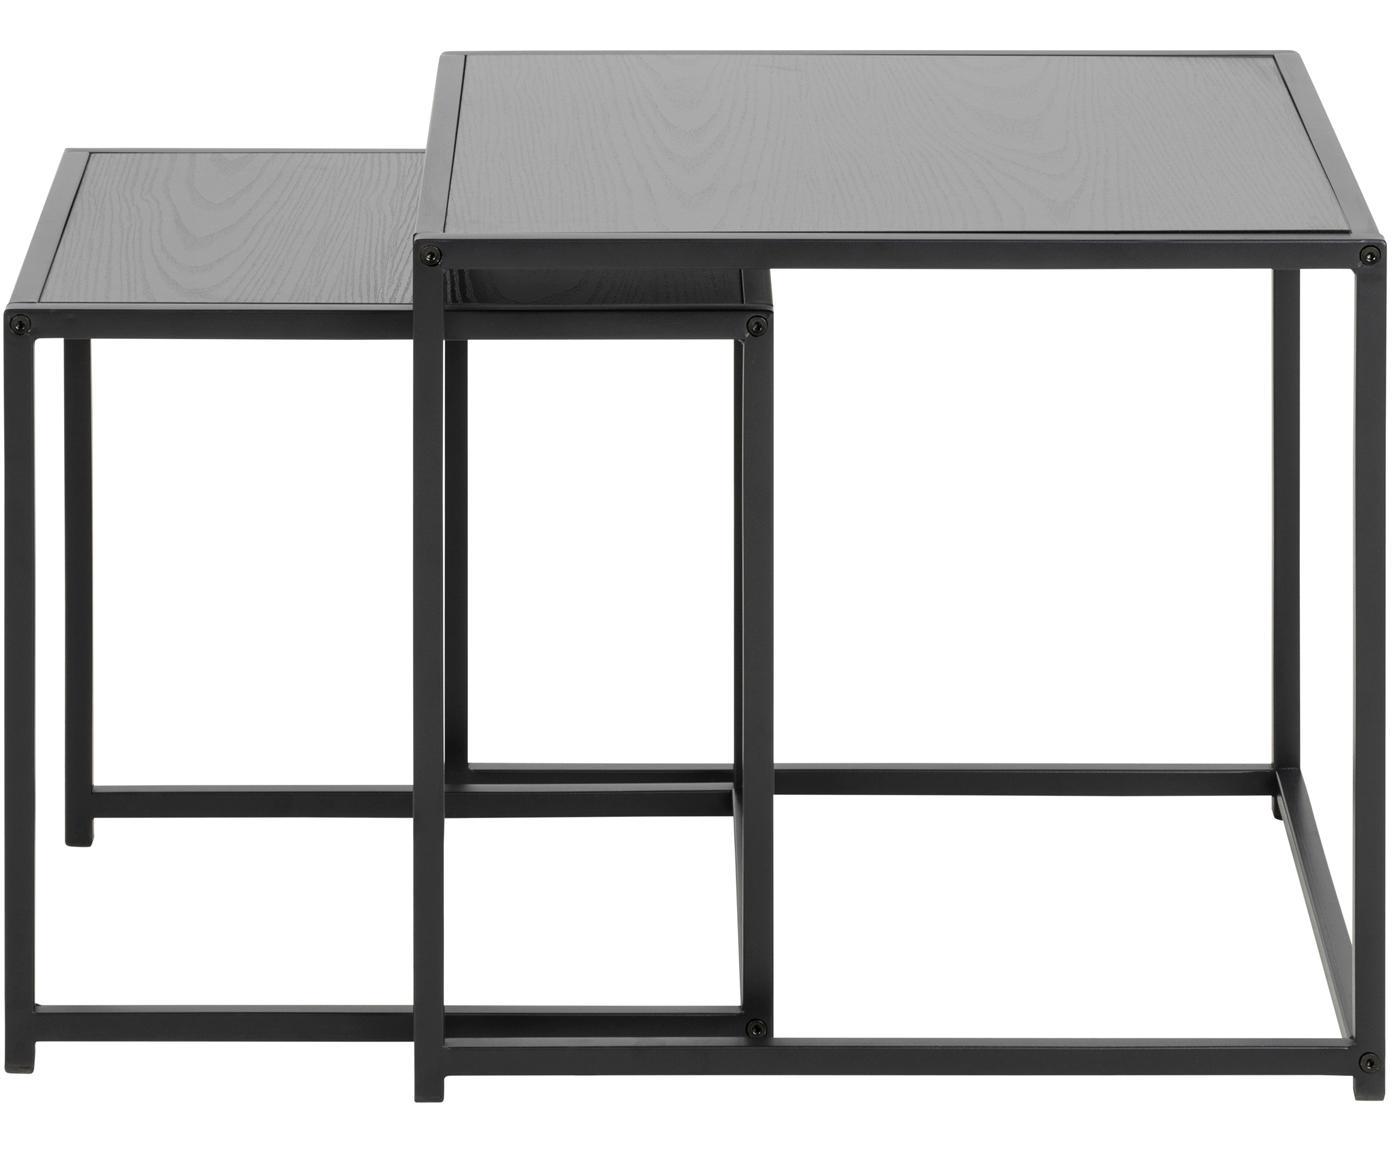 Súprava pomocných stolíkov Seaford, 2 diely, Čierna